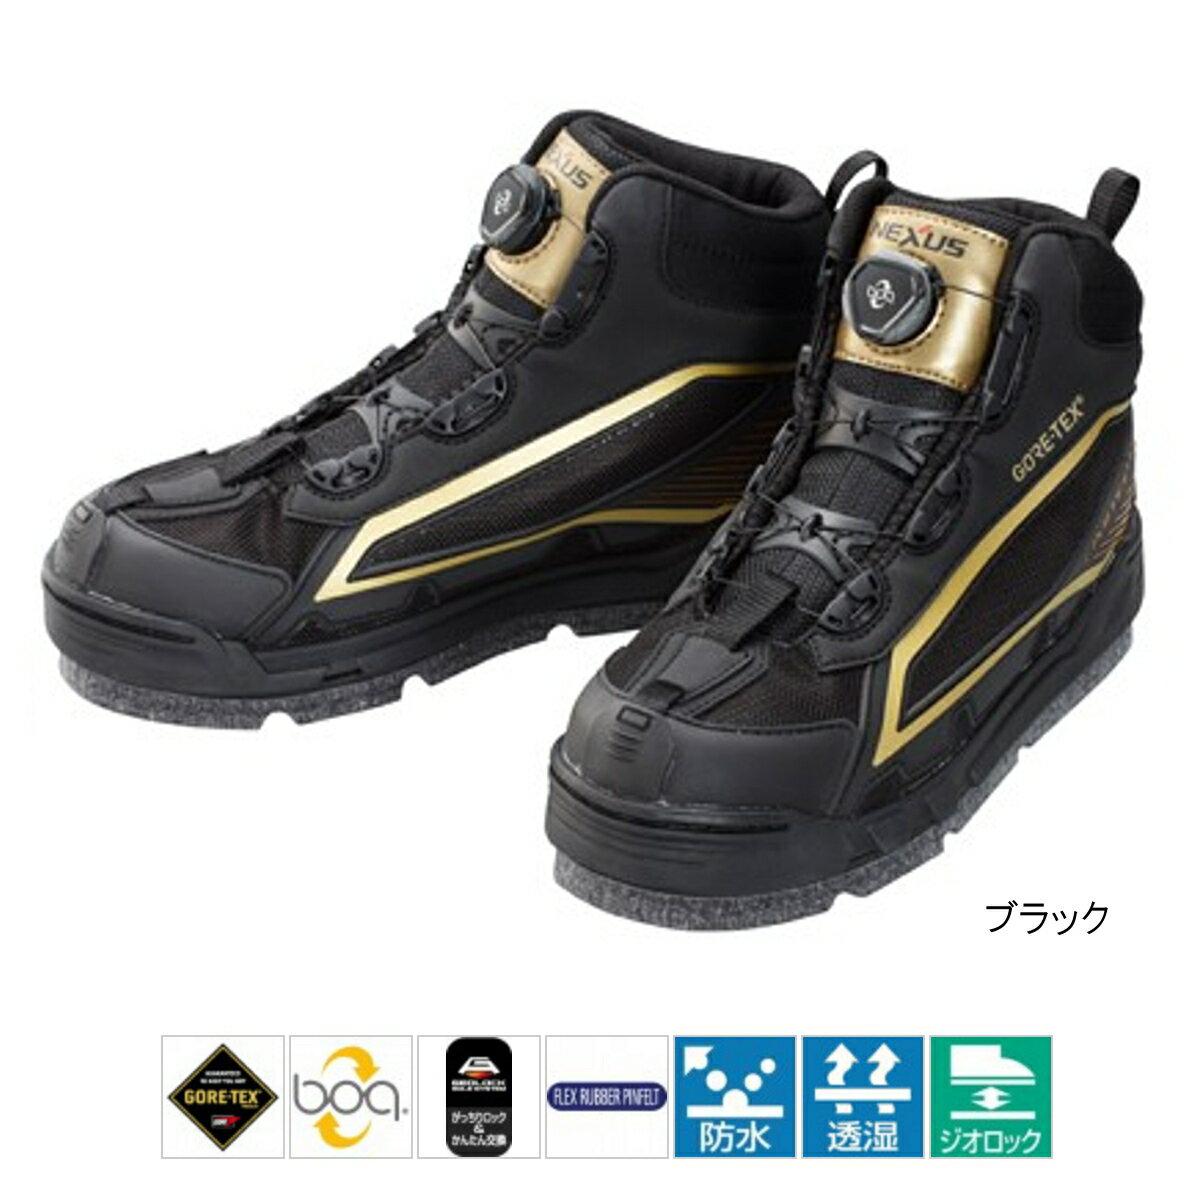 シマノ ゴアテックス フレックスラバー ピンフェルトシューズ Limited Pro Boa FS-175Q 25.0cm ブラック